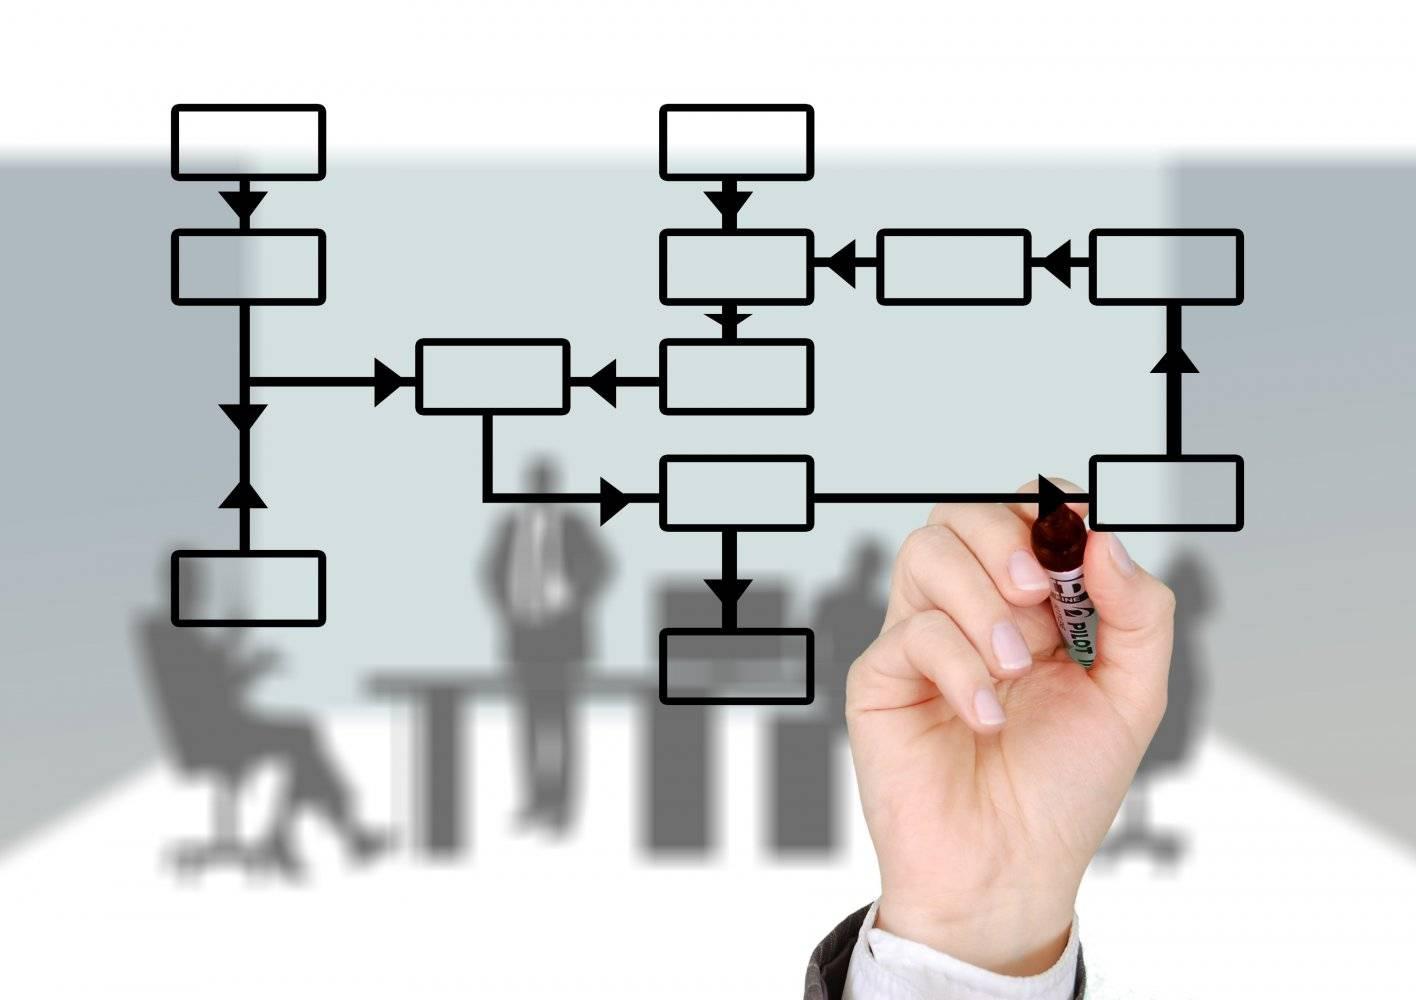 blog-susan-business-process-6-april.jpeg